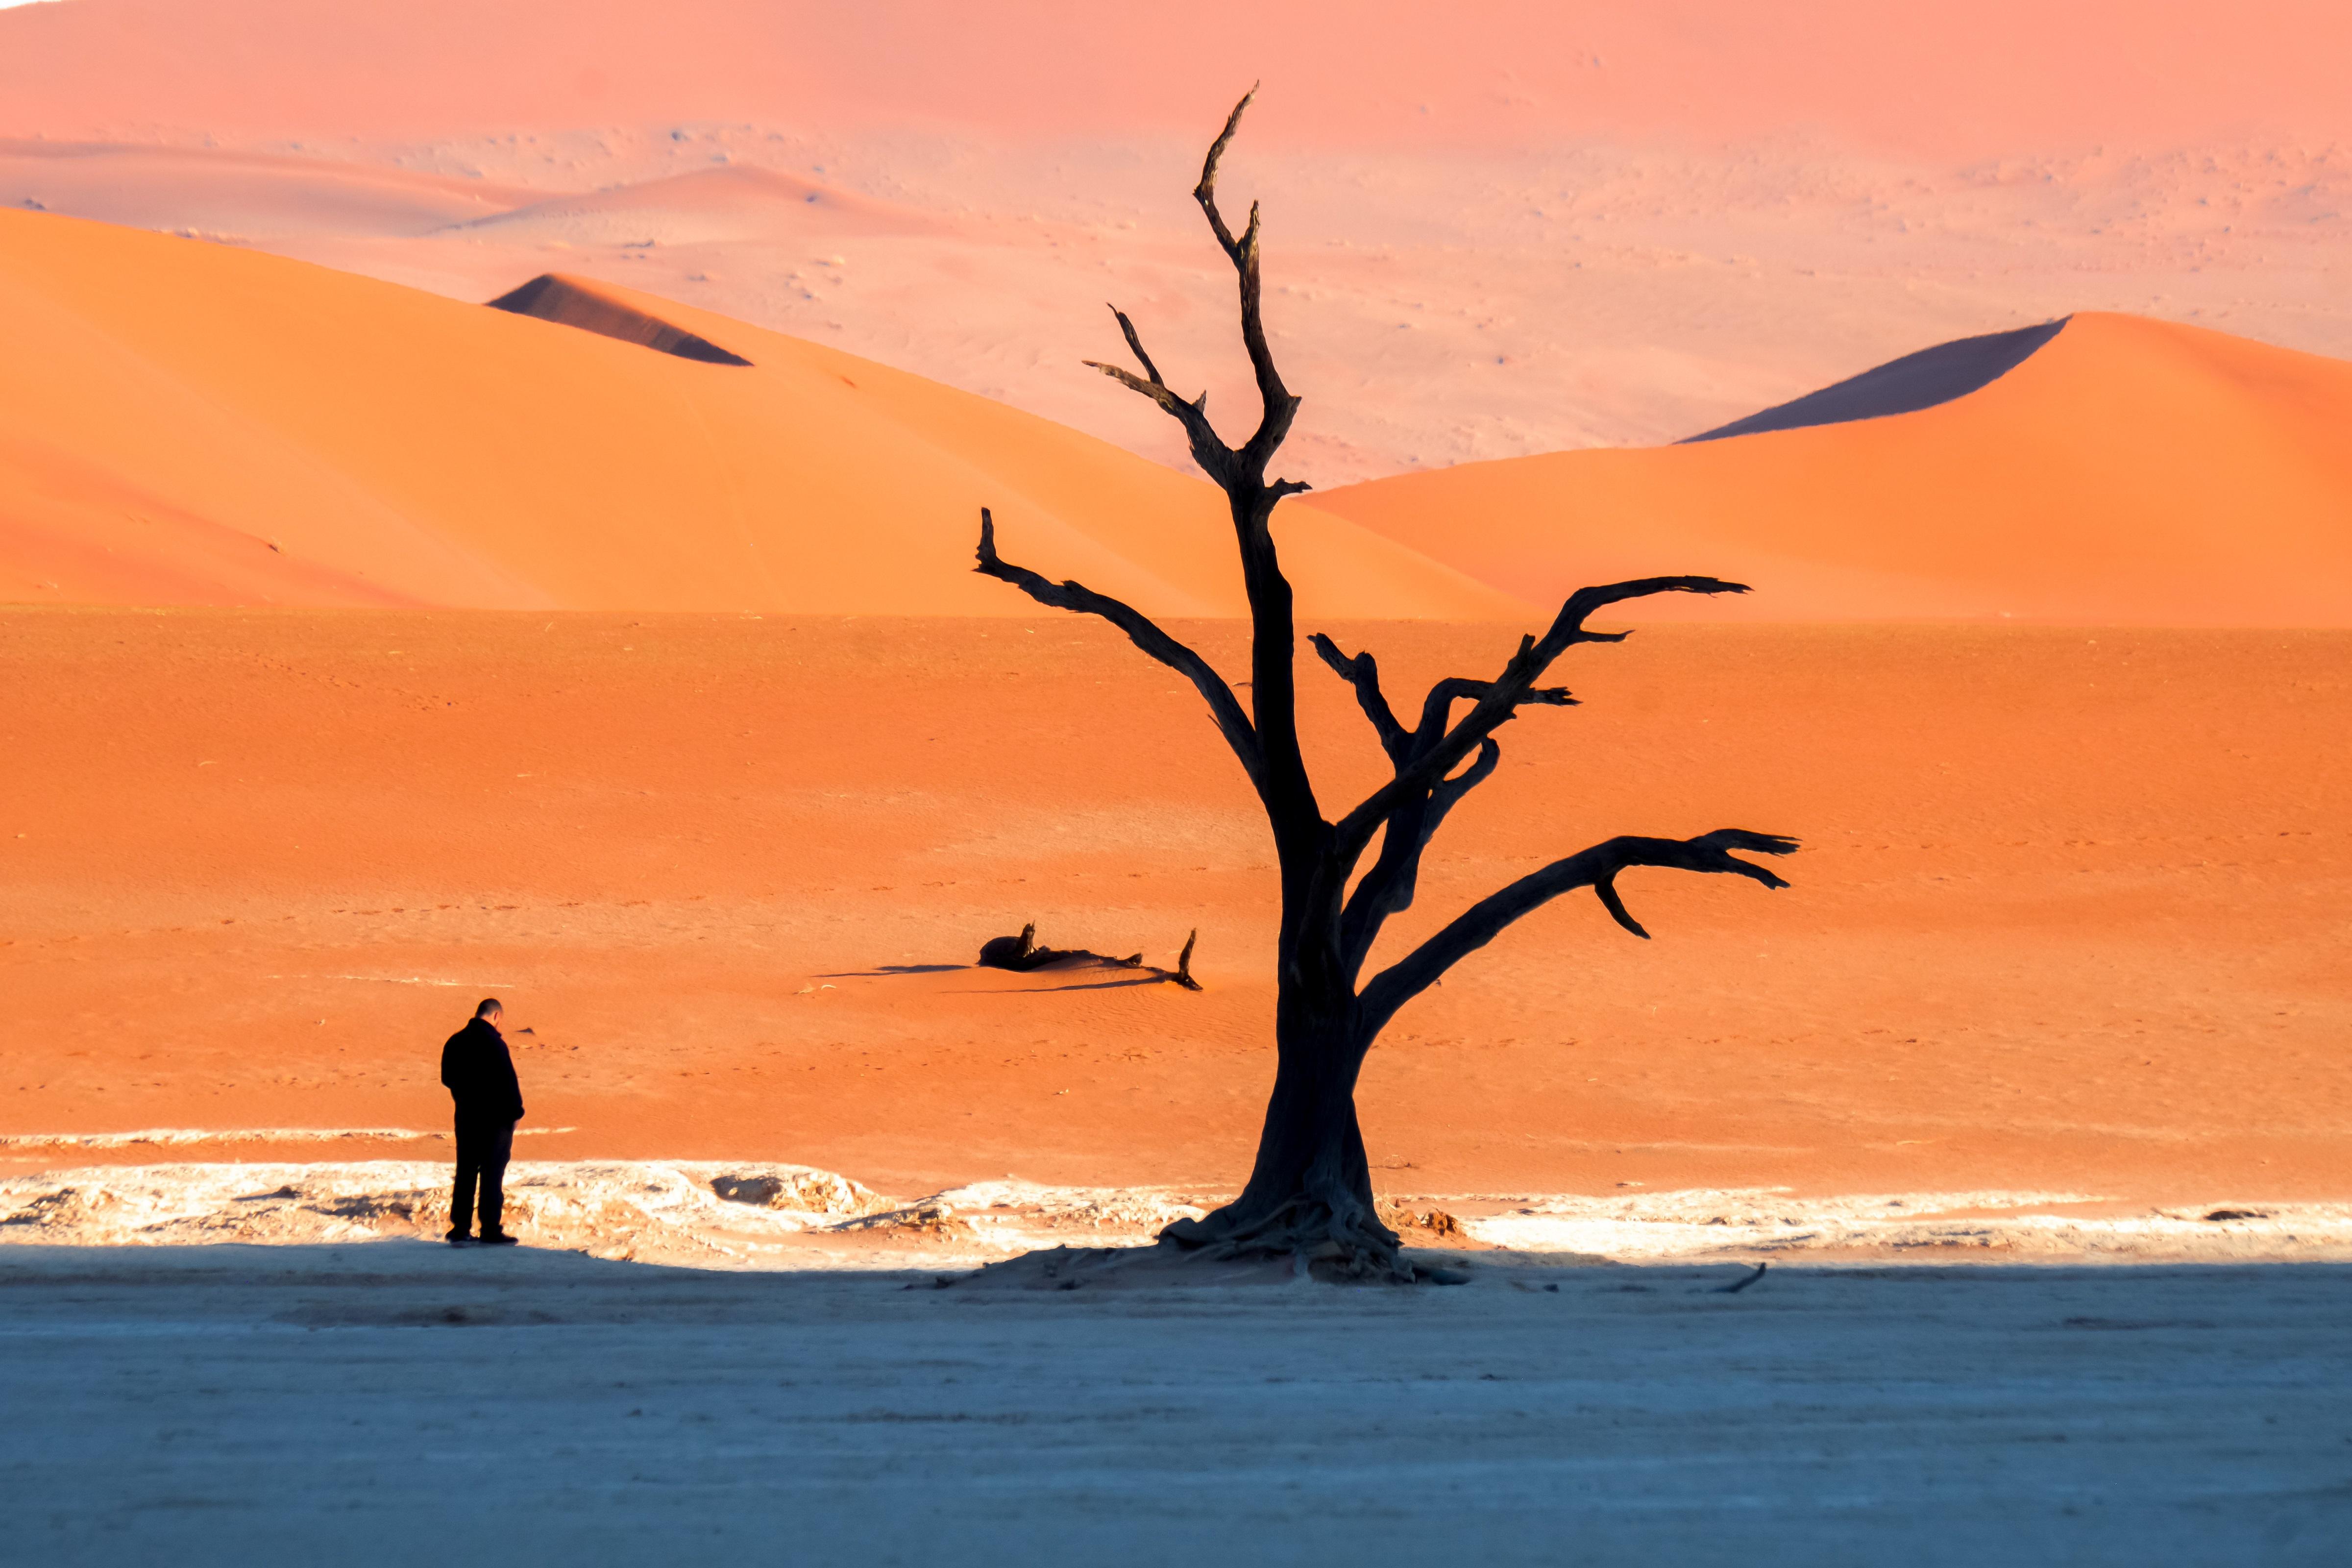 Namibia - den tham thung lung chet, thanh pho ma va dieu khong tuong hinh anh 3